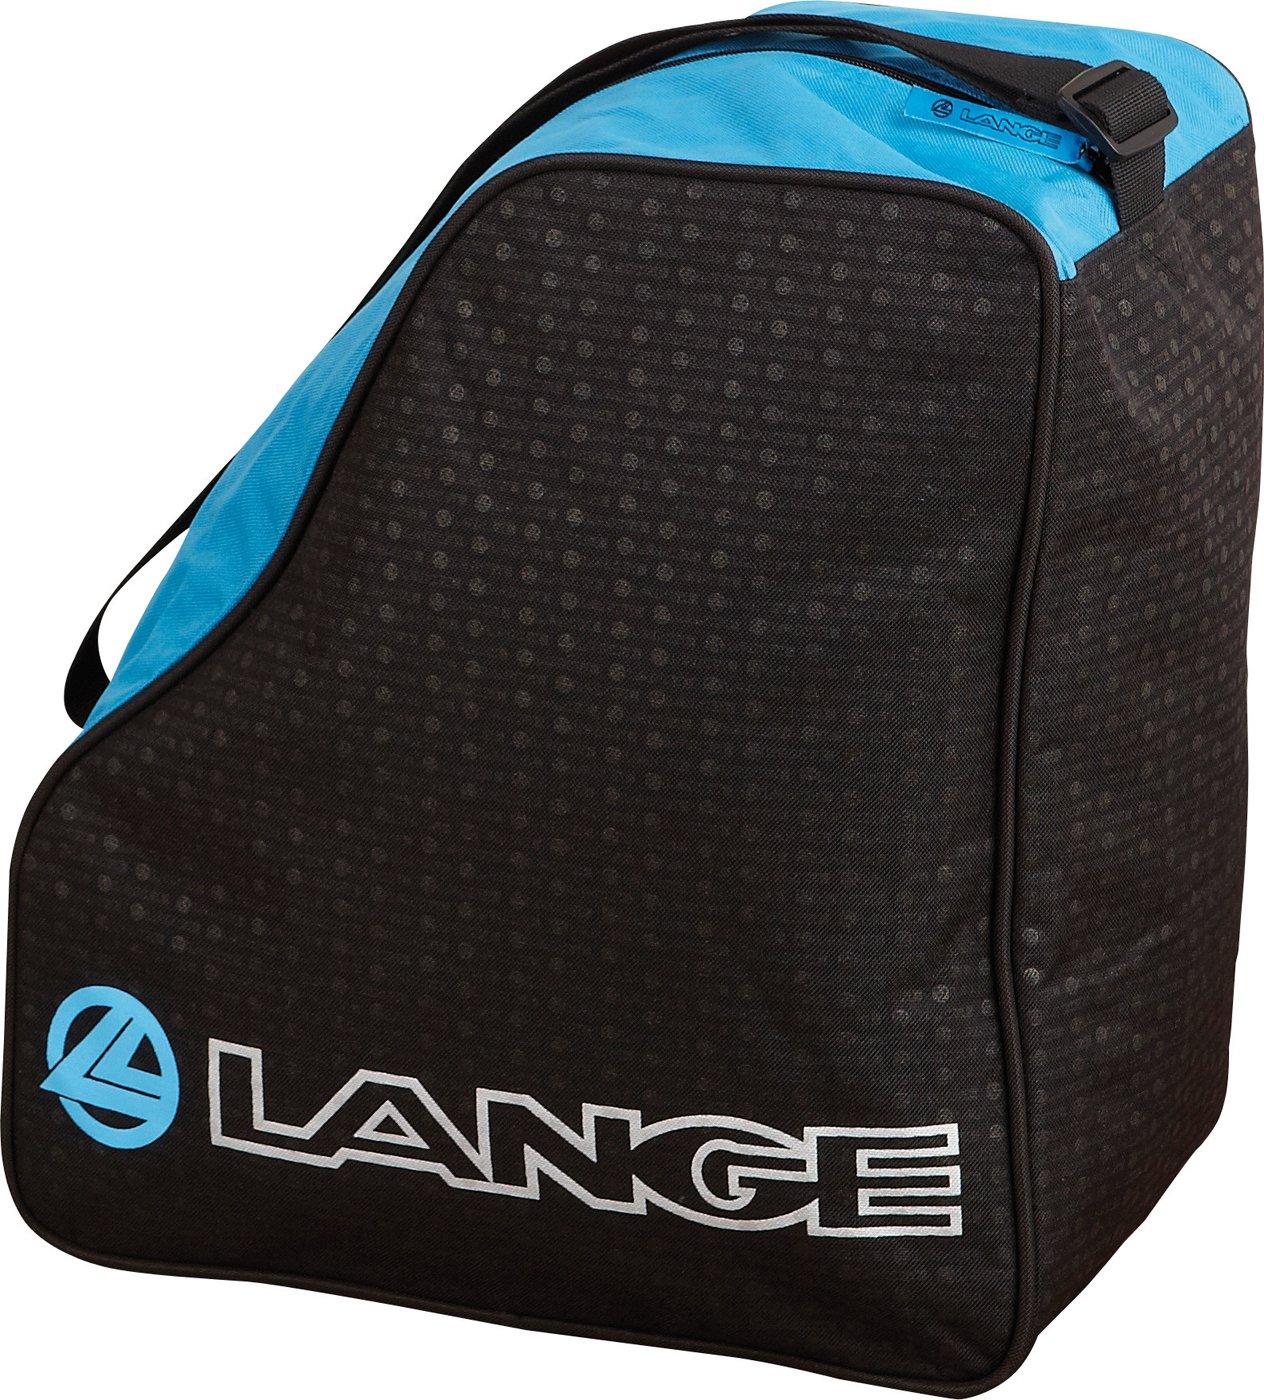 Dynastar-Lange ECO BOOT BAG Skischuhtasche - 0TU